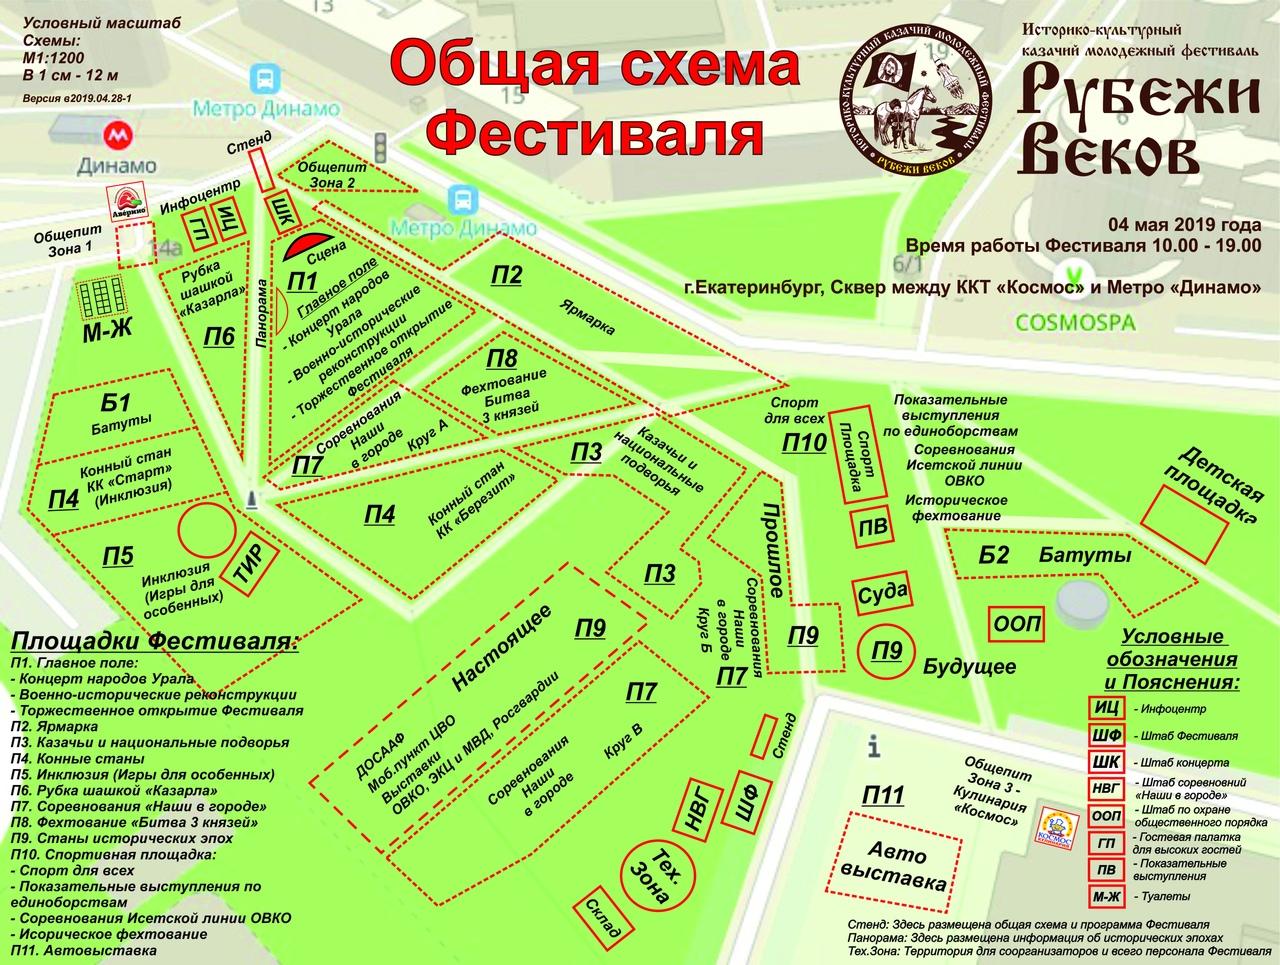 Историко-культурный казачий молодежный фестиваль Рубежи Веков